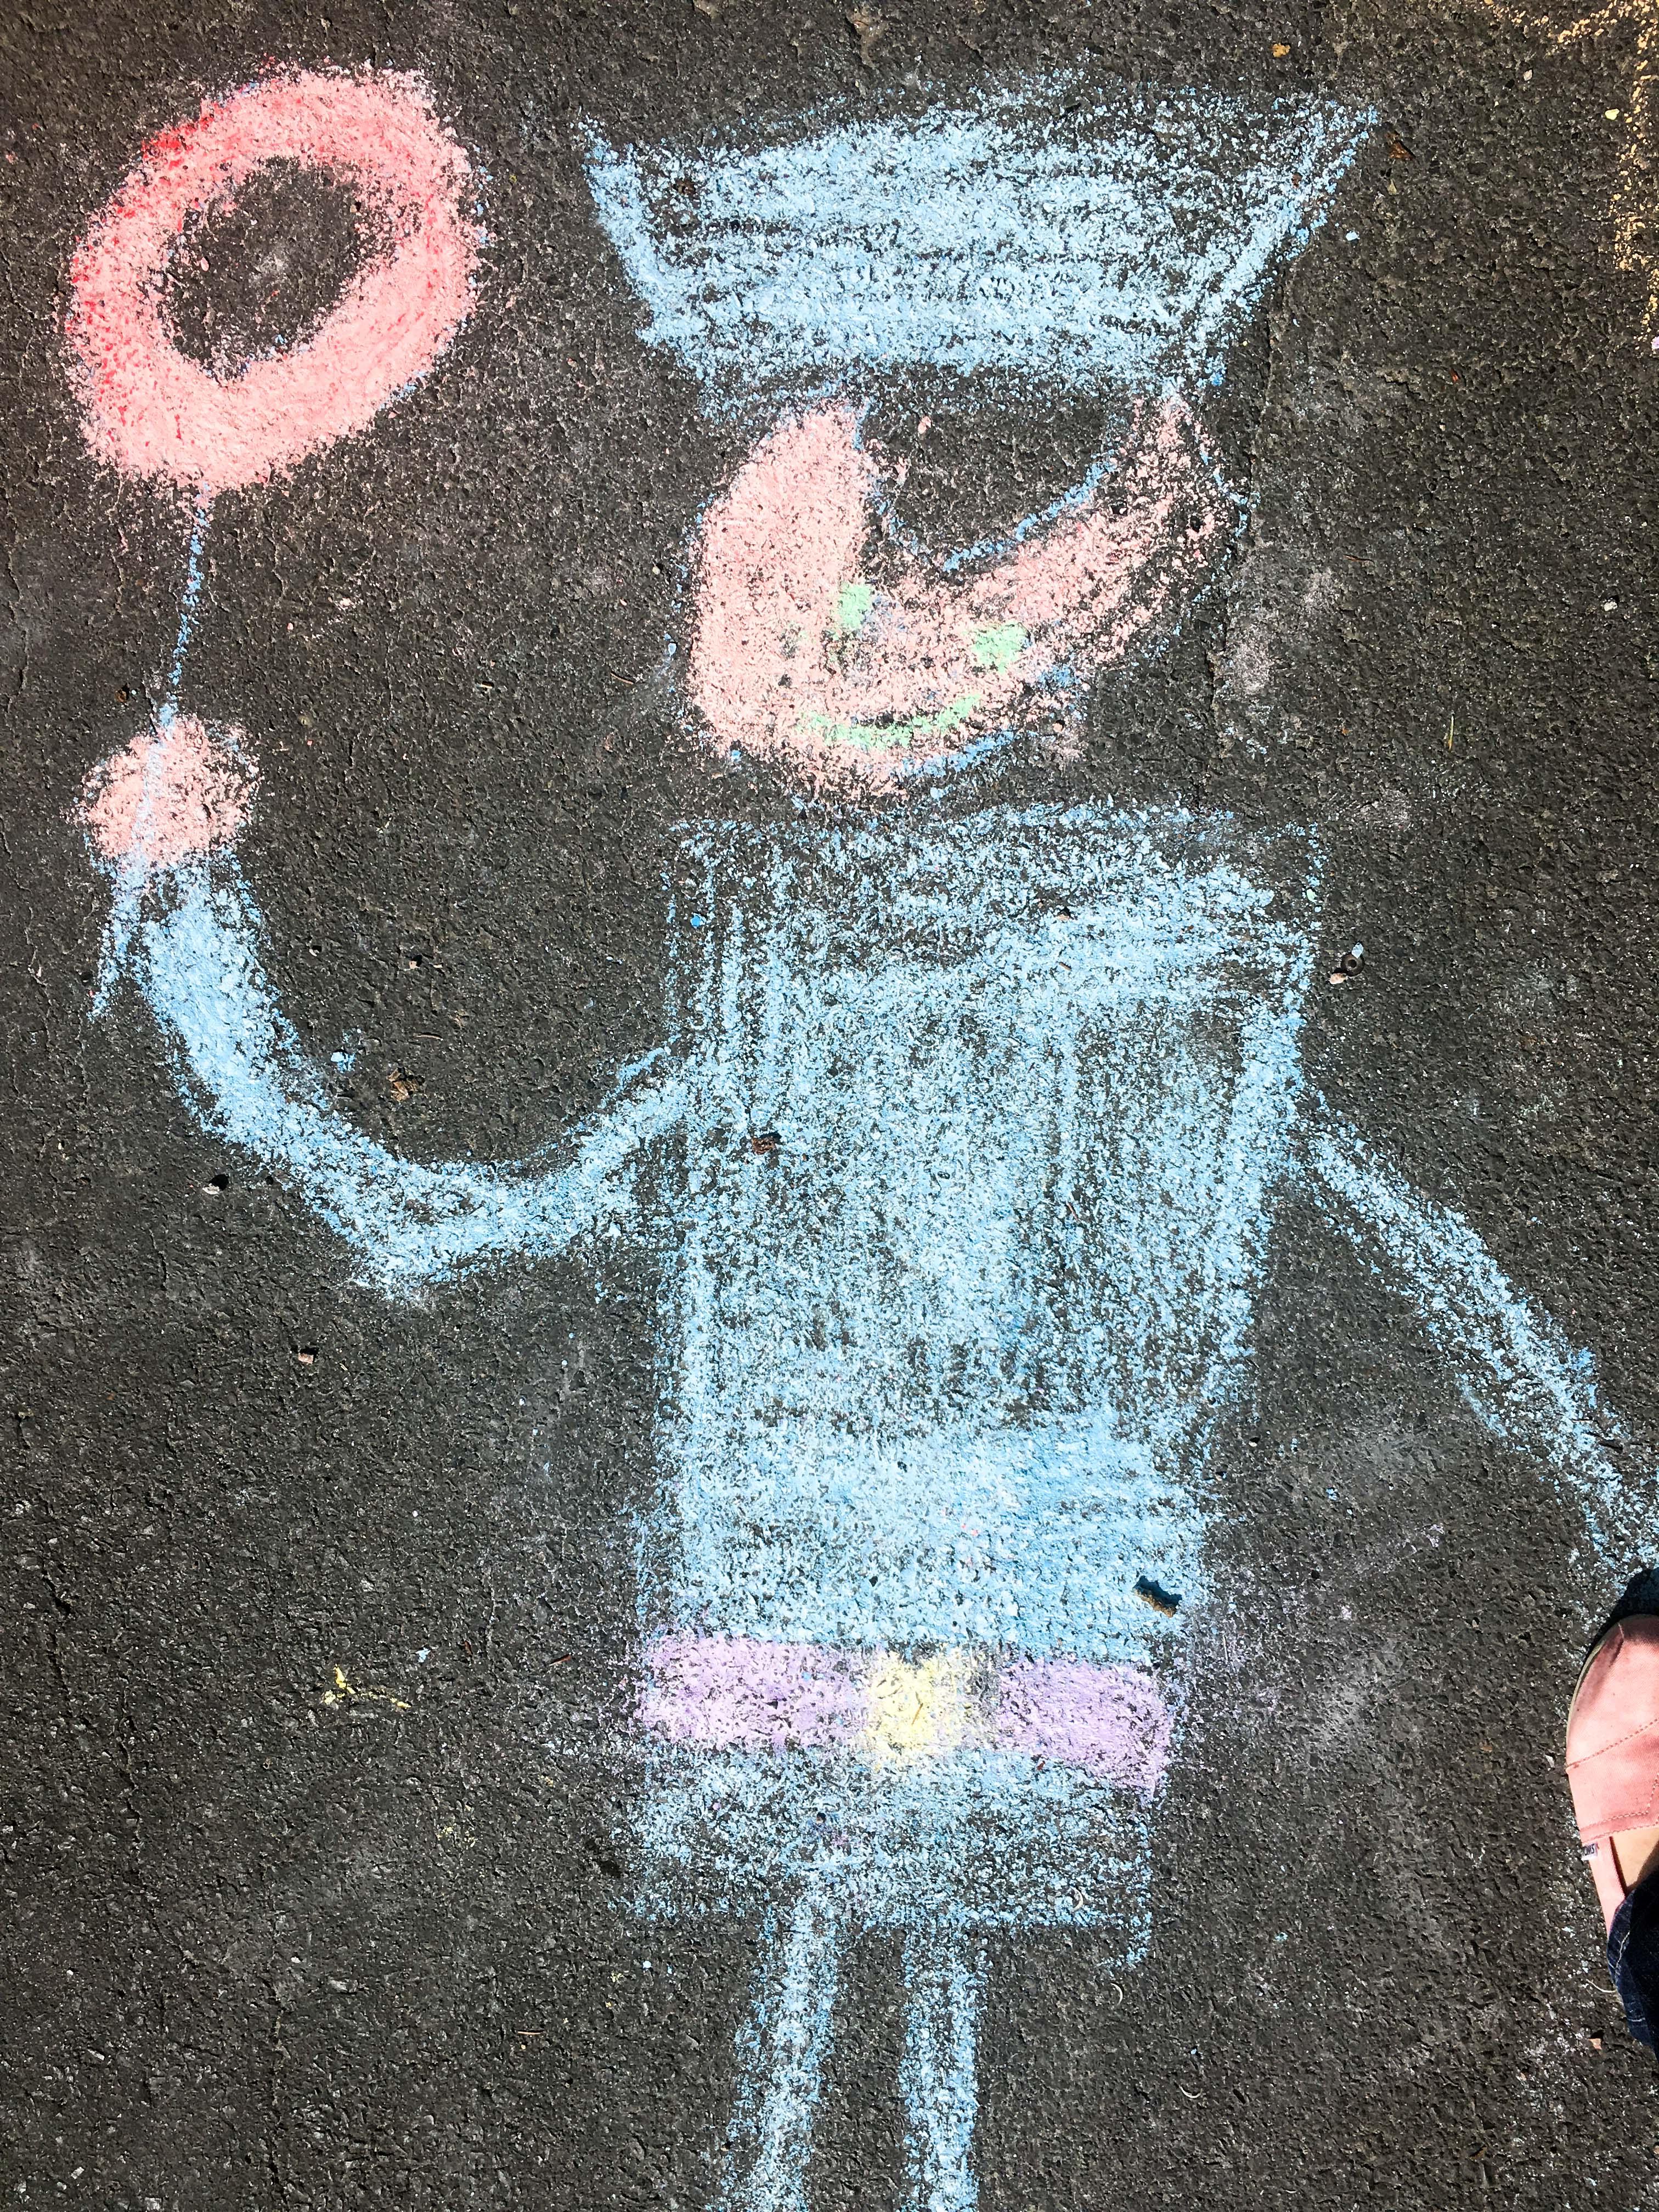 Kinderbild auf Straße mit Kreide